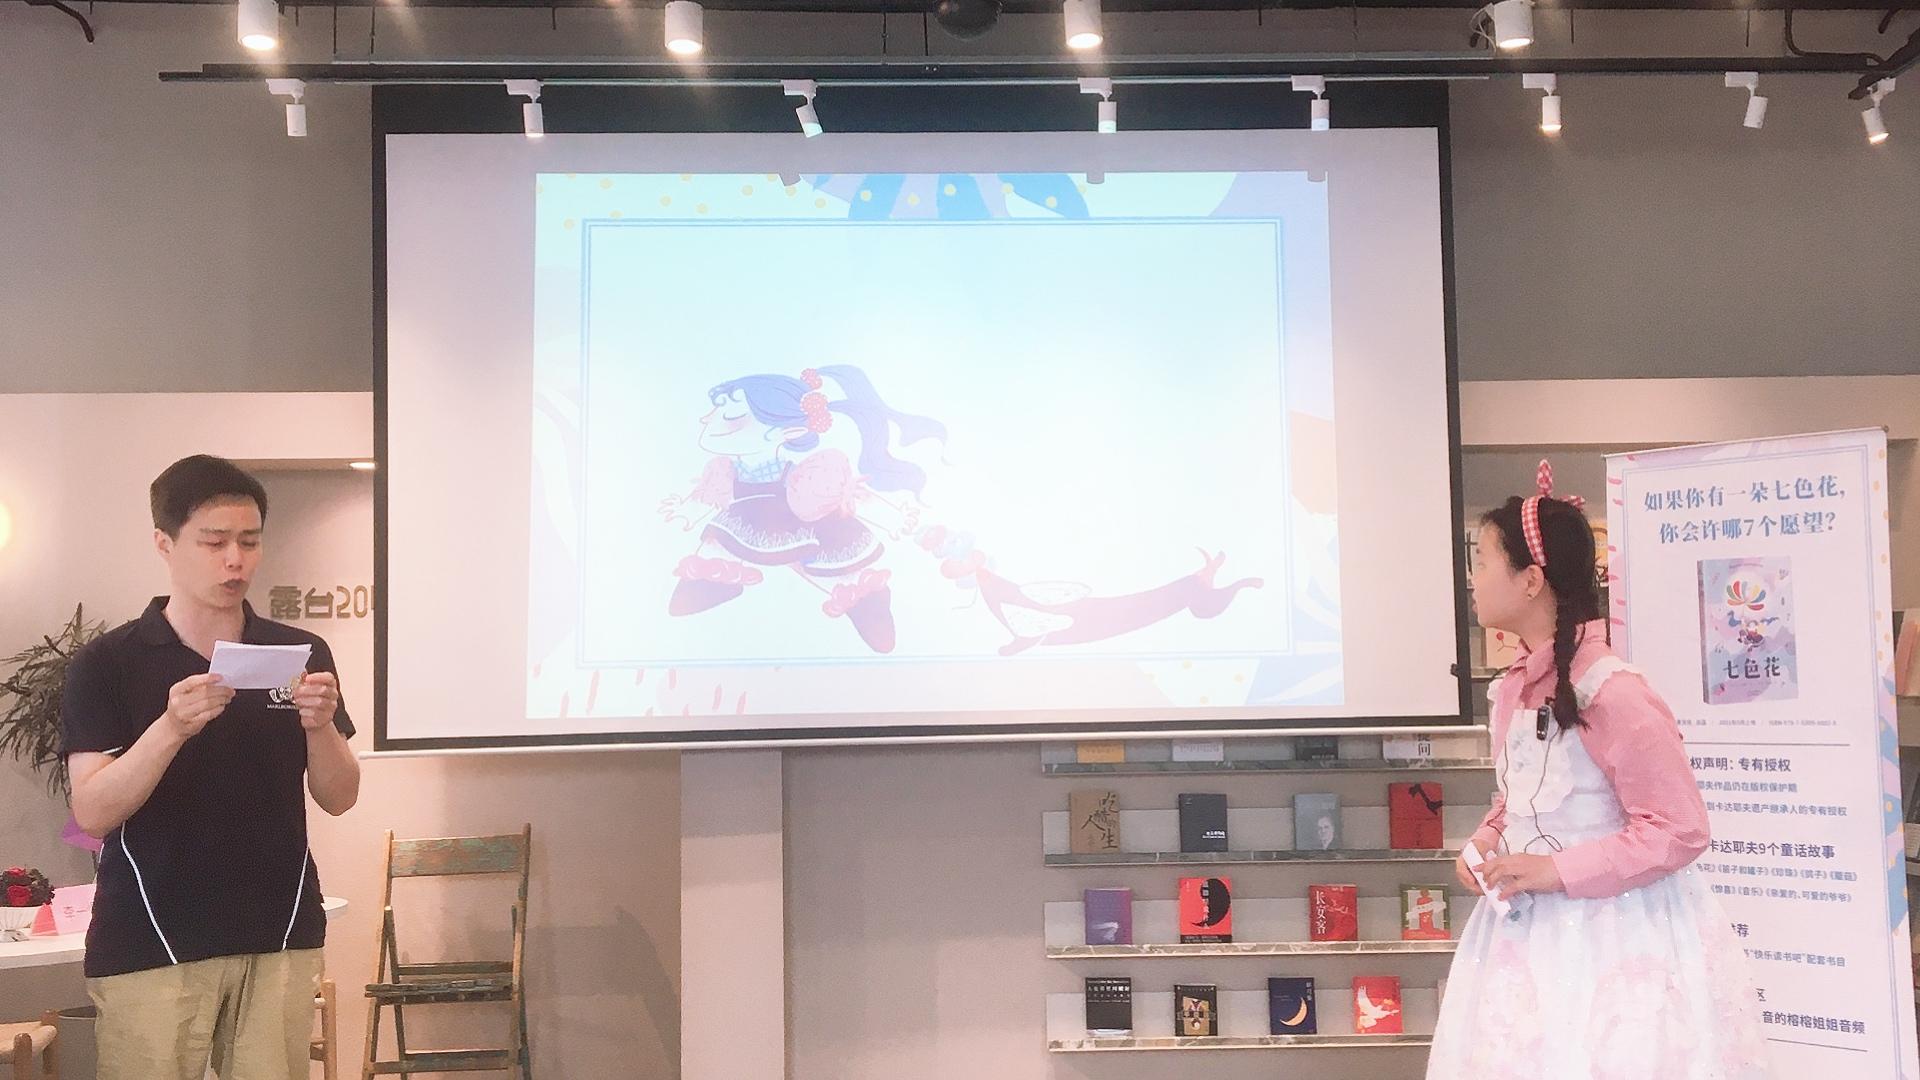 果麦文化获独家授权正版《七色花》隆重上市-出版人杂志官网